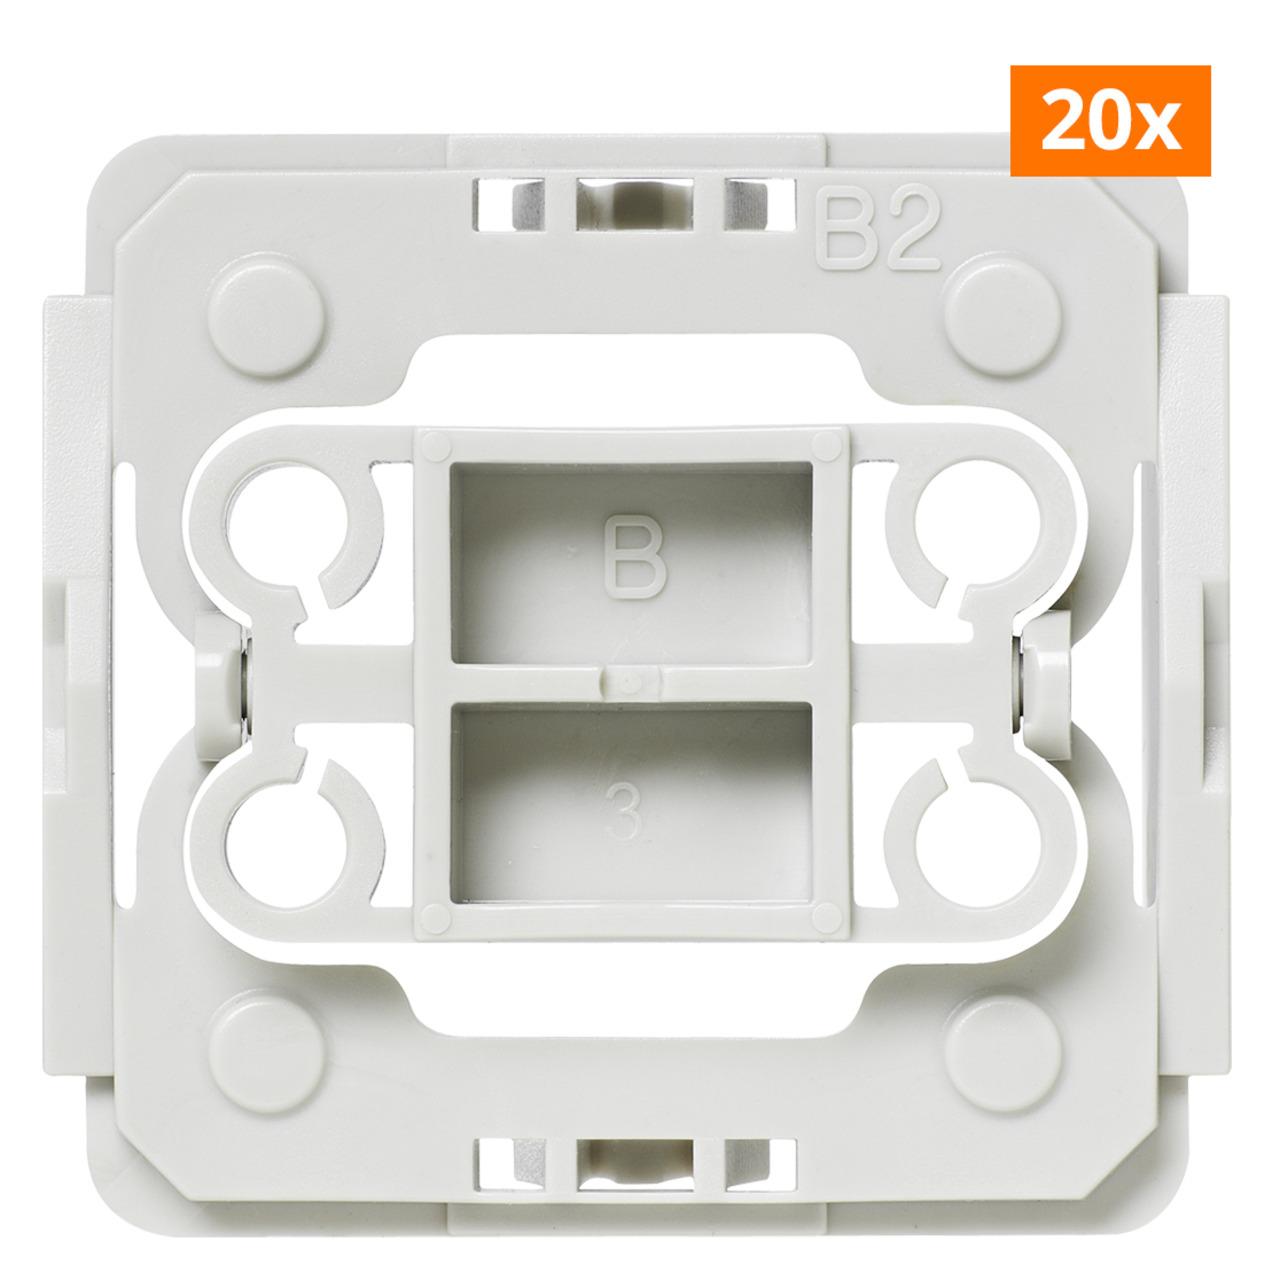 Installationsadapter für Berker-Schalter- 20er-Set für Smart Home - Hausautomation